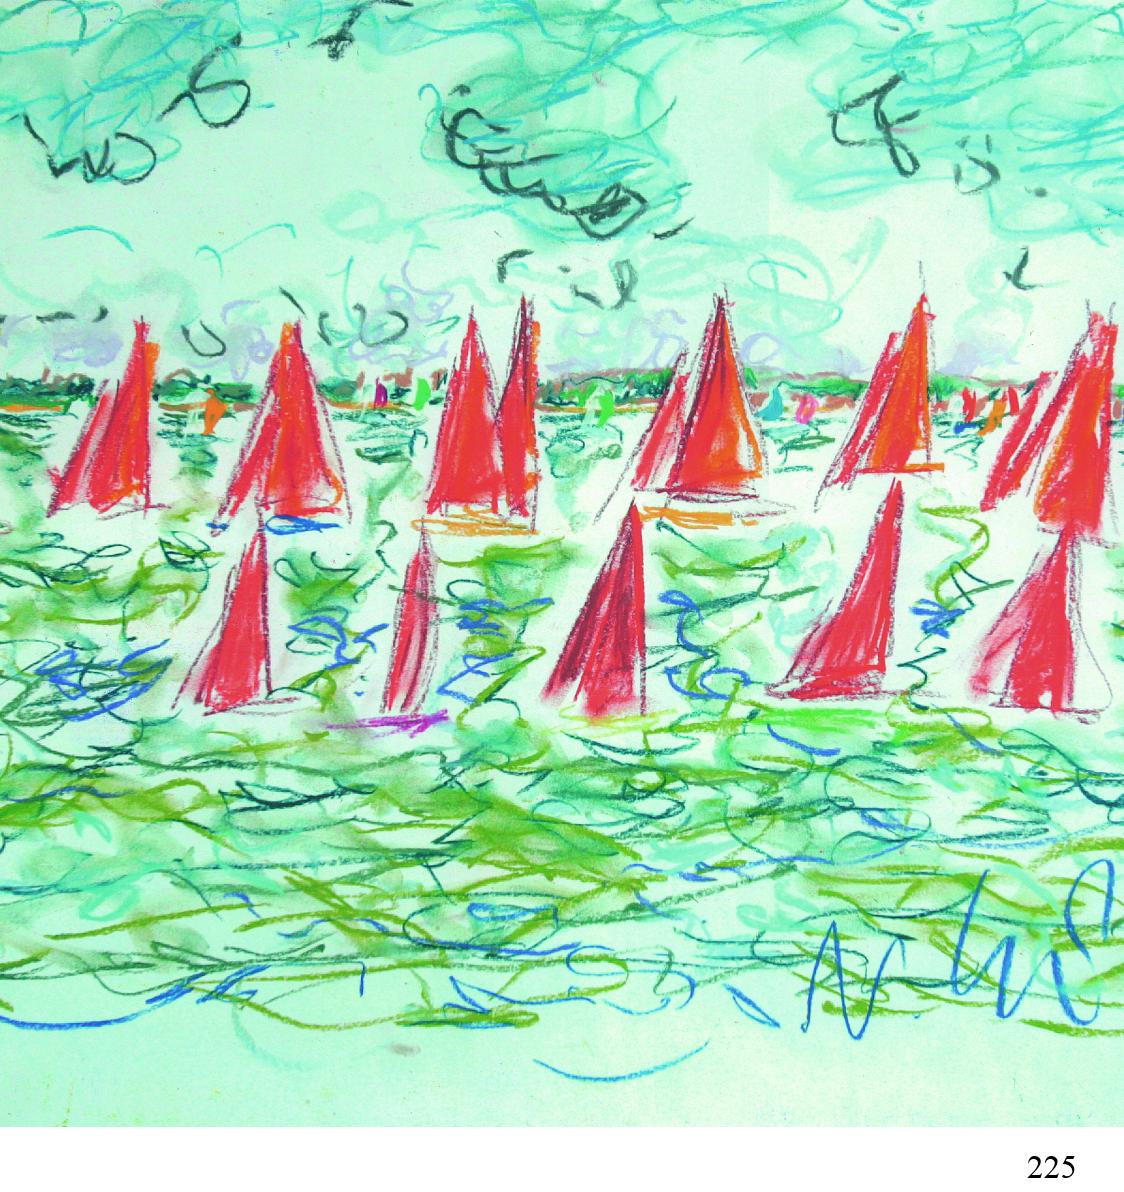 225 flotilla Nicola Gibbs Arty Cards 6x6.jpg